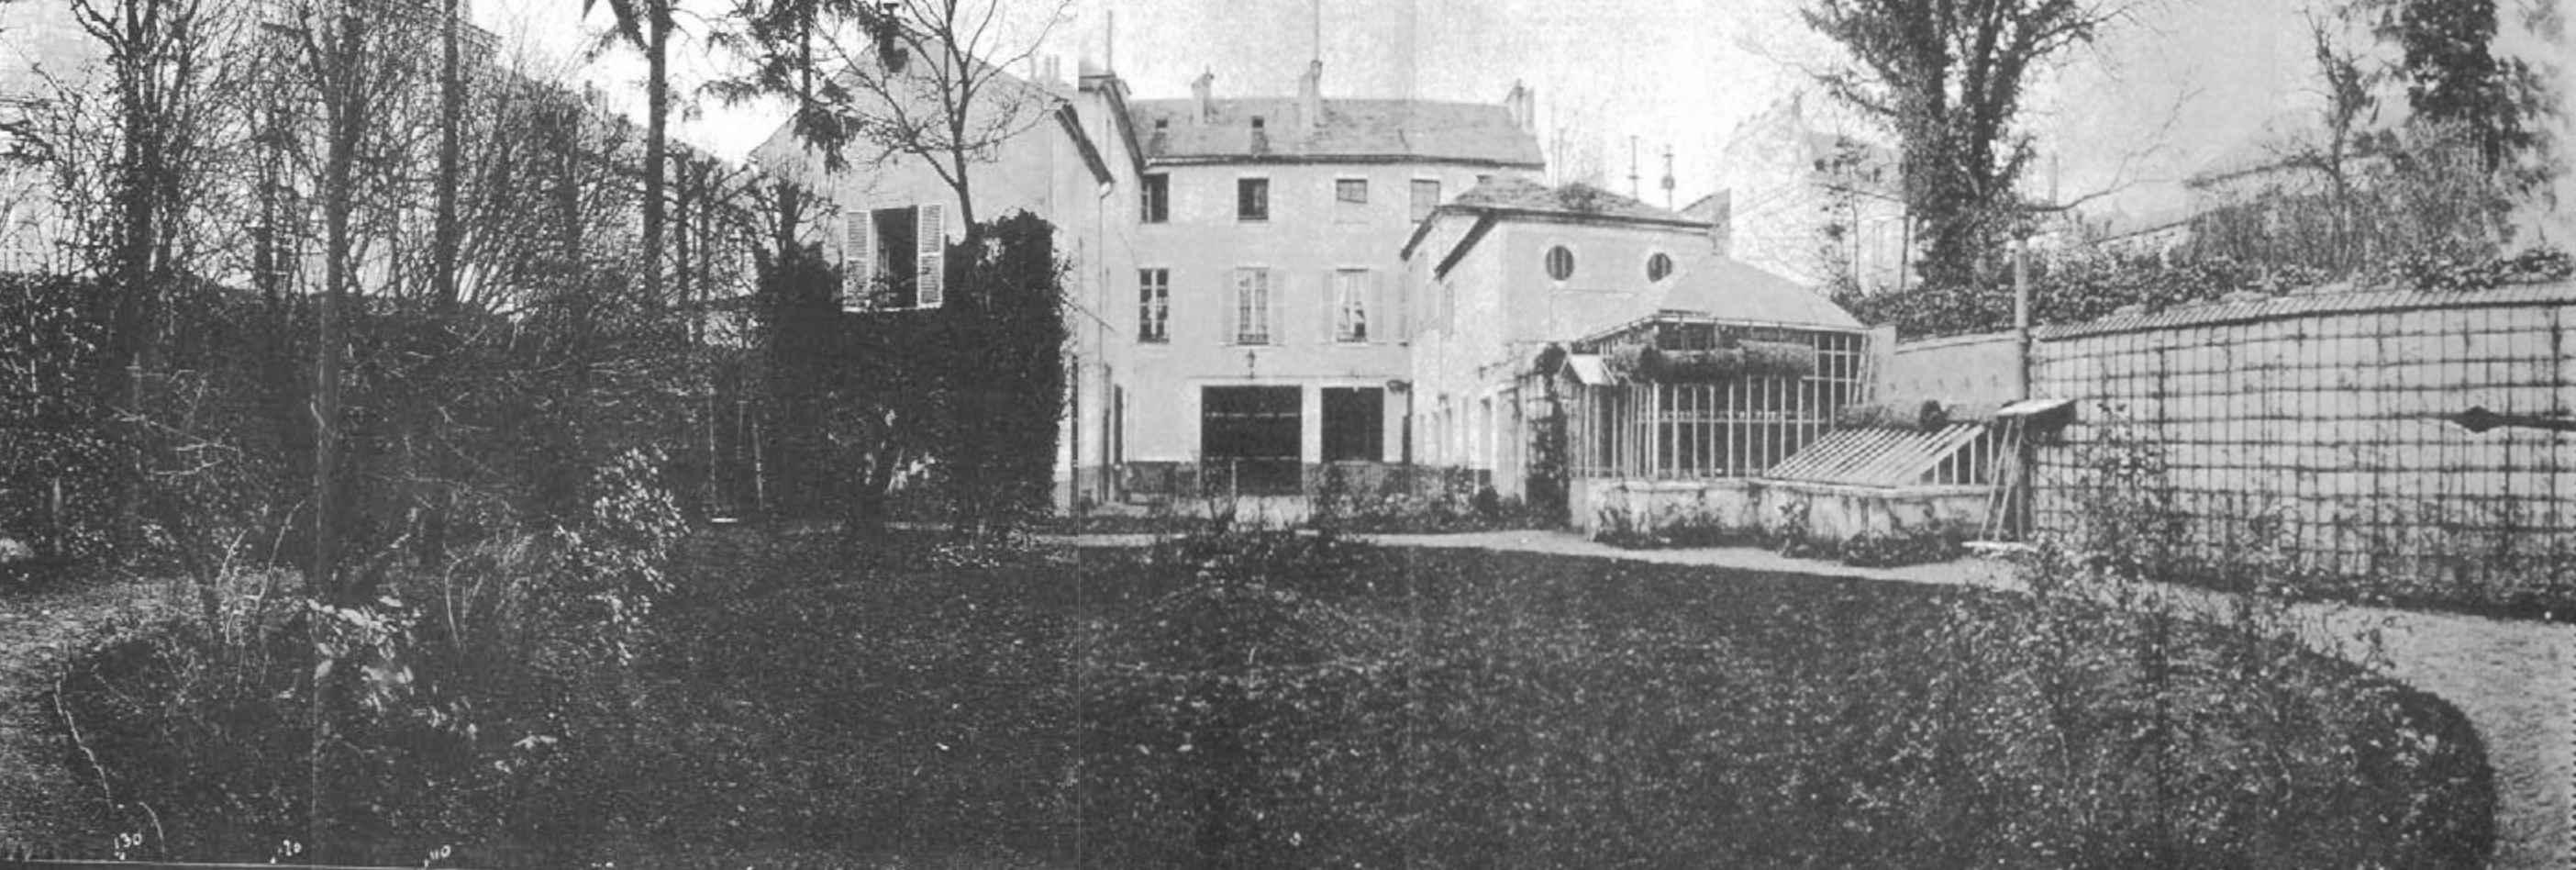 Alrededores de París. 1888. Fotografía de 140º tomada por Moëssard con su cilindrógrafo